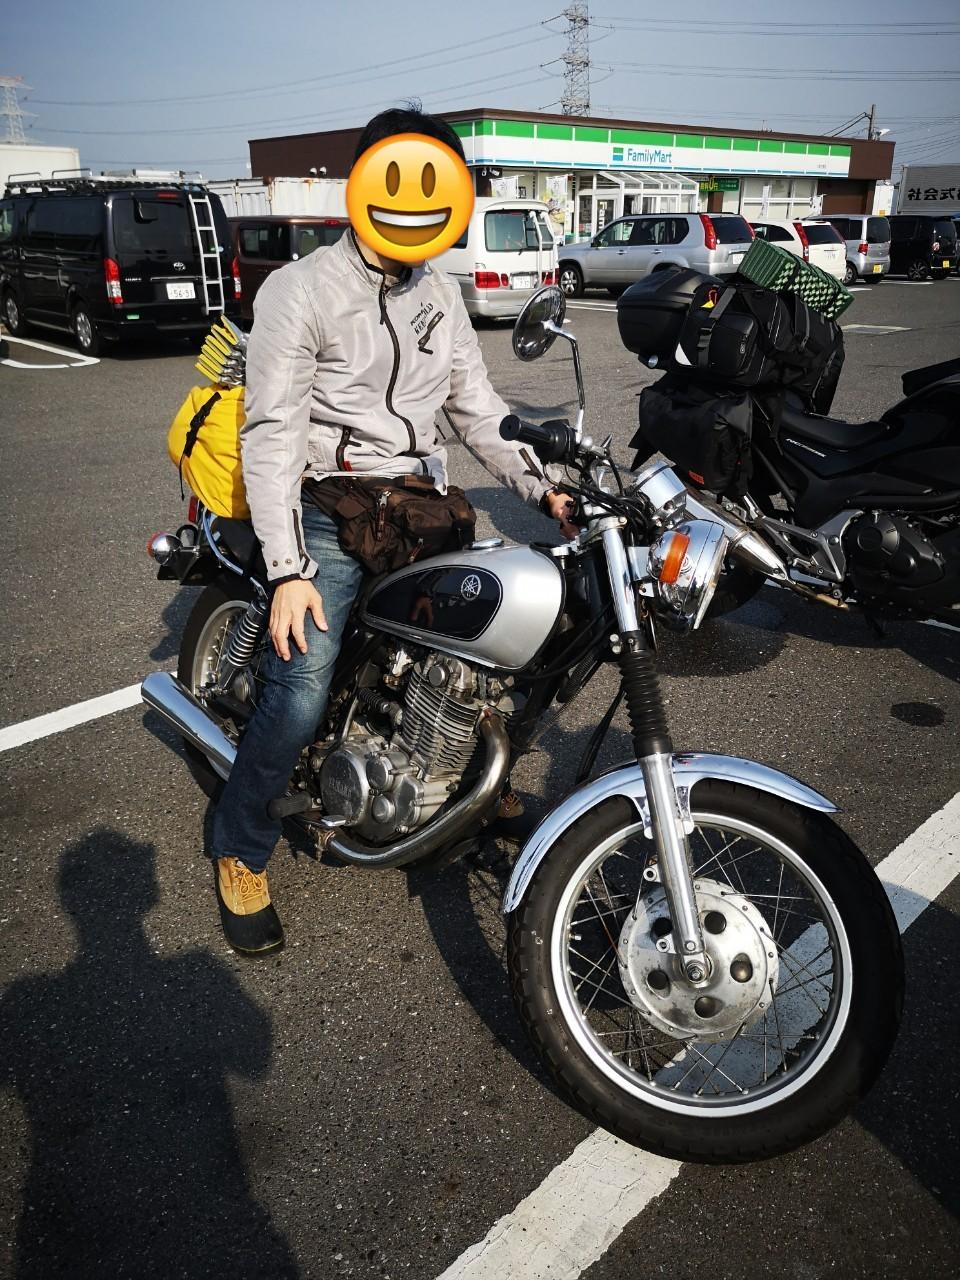 f:id:bikedane:20190608143824j:image